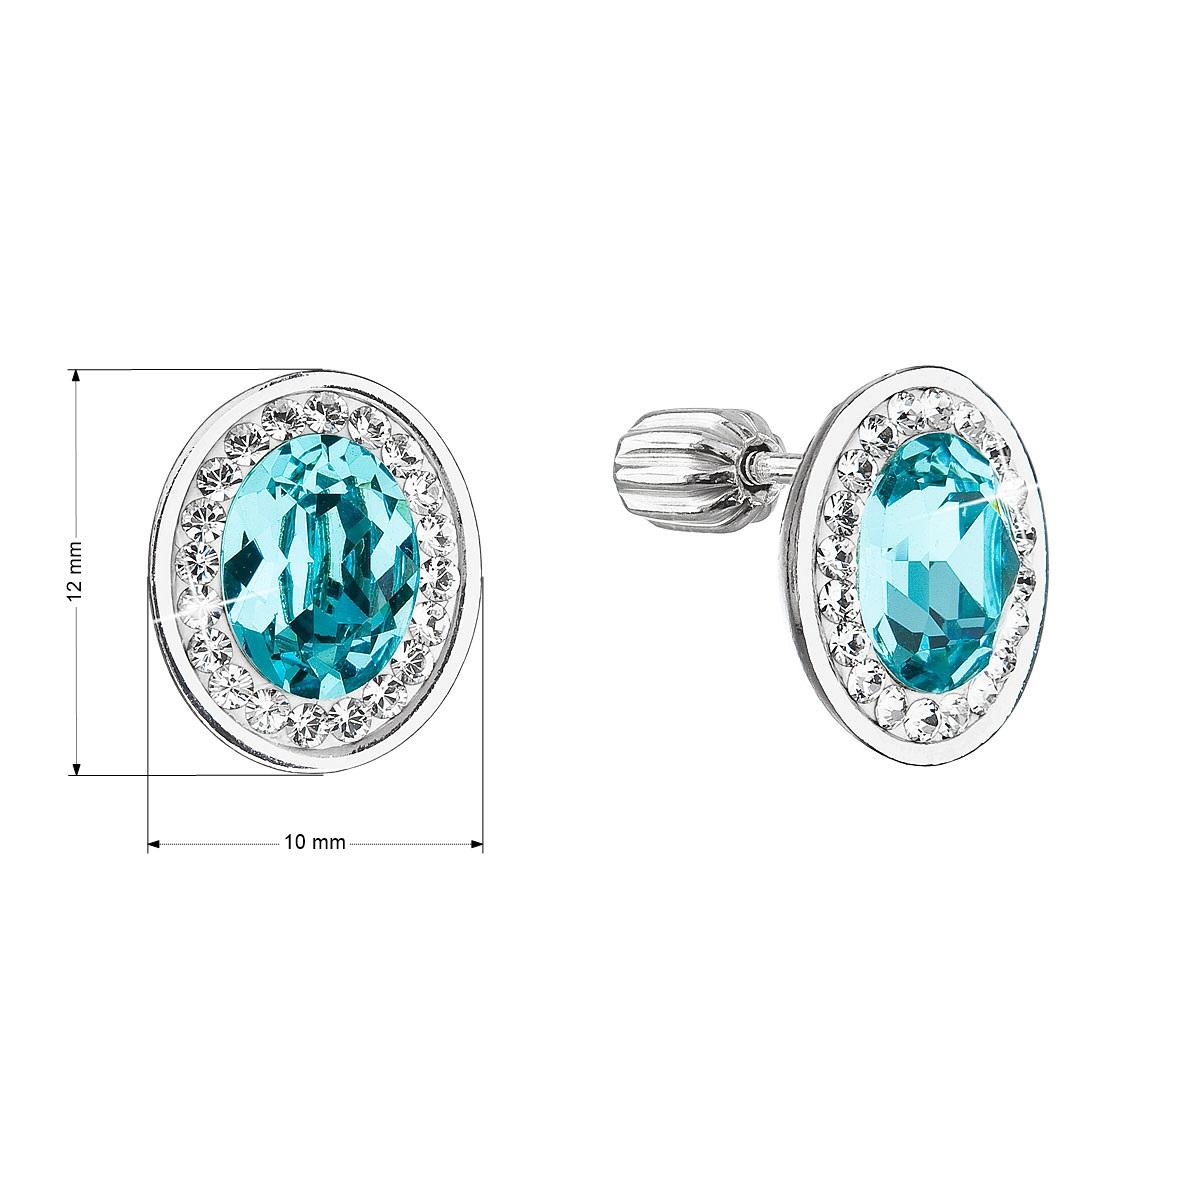 Evolution Group Stříbrné náušnice pecky se Swarovski krystaly modrý oválek 31304.3